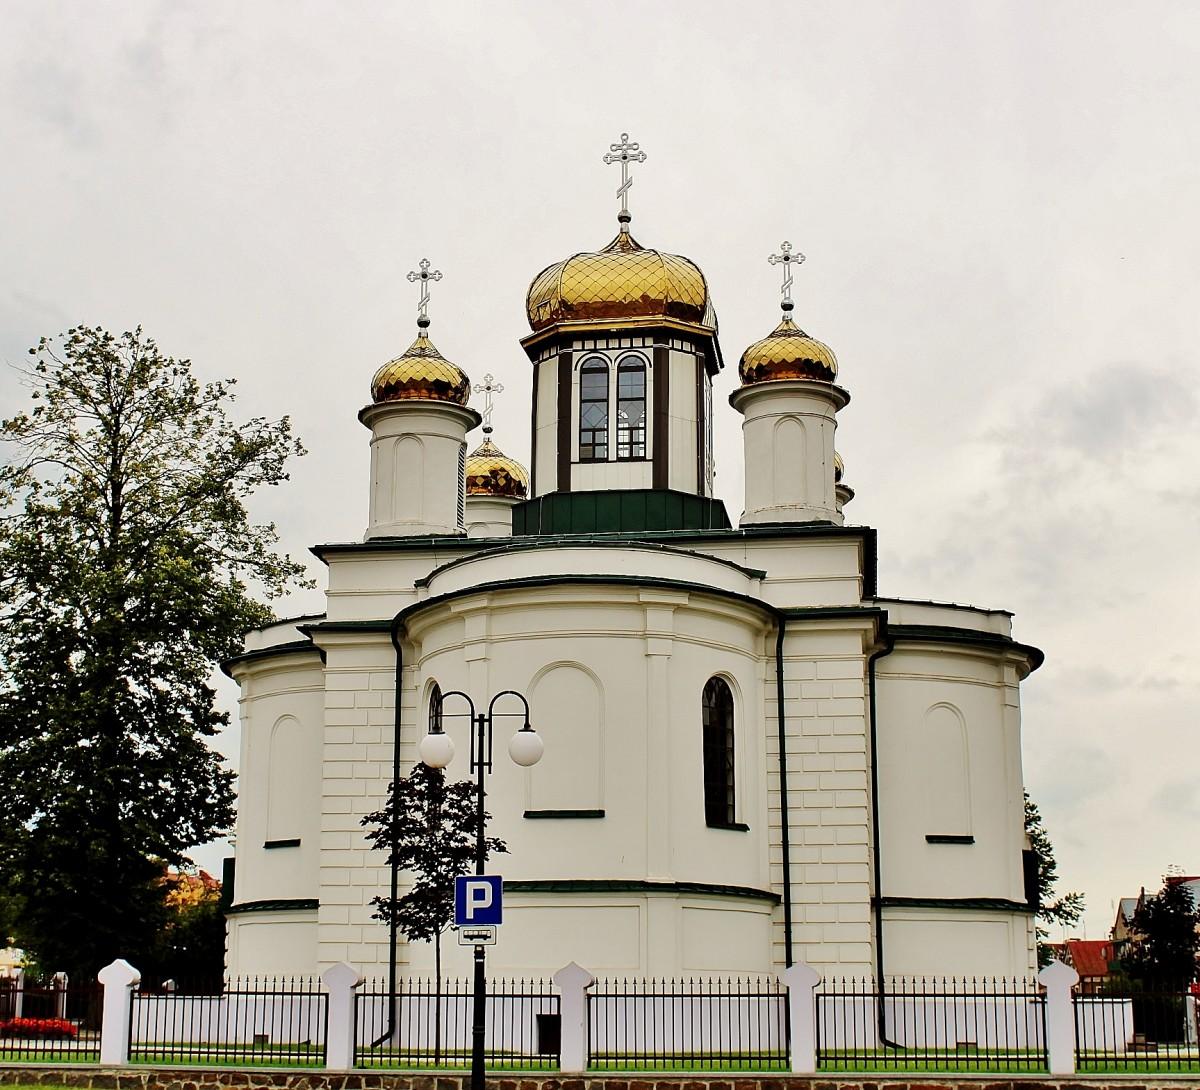 Zdjęcia: Sokółka, województwo podlaskie, Tył cerkwi Aleksandra Newskiego, POLSKA